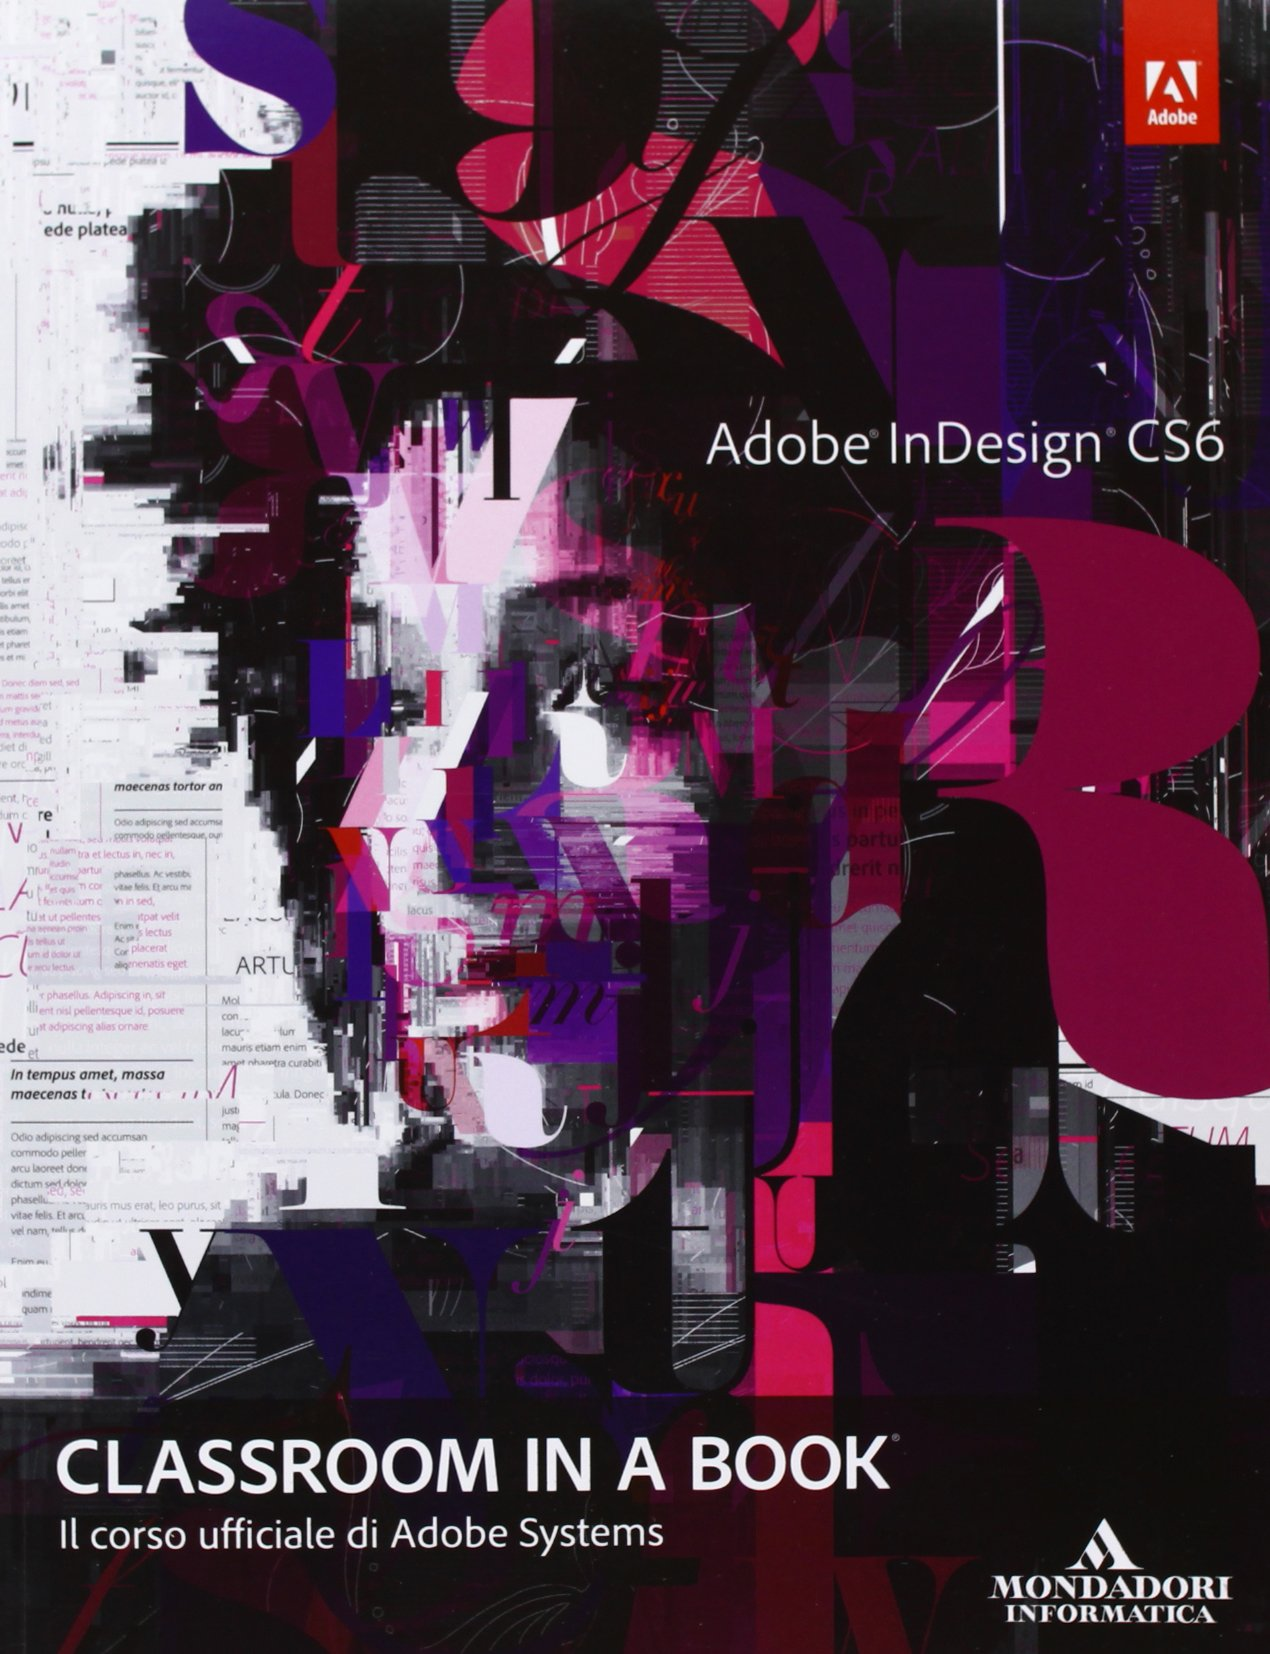 Adobe InDesign CS6. Classroom in a book. Il corso ufficiale di Adobe